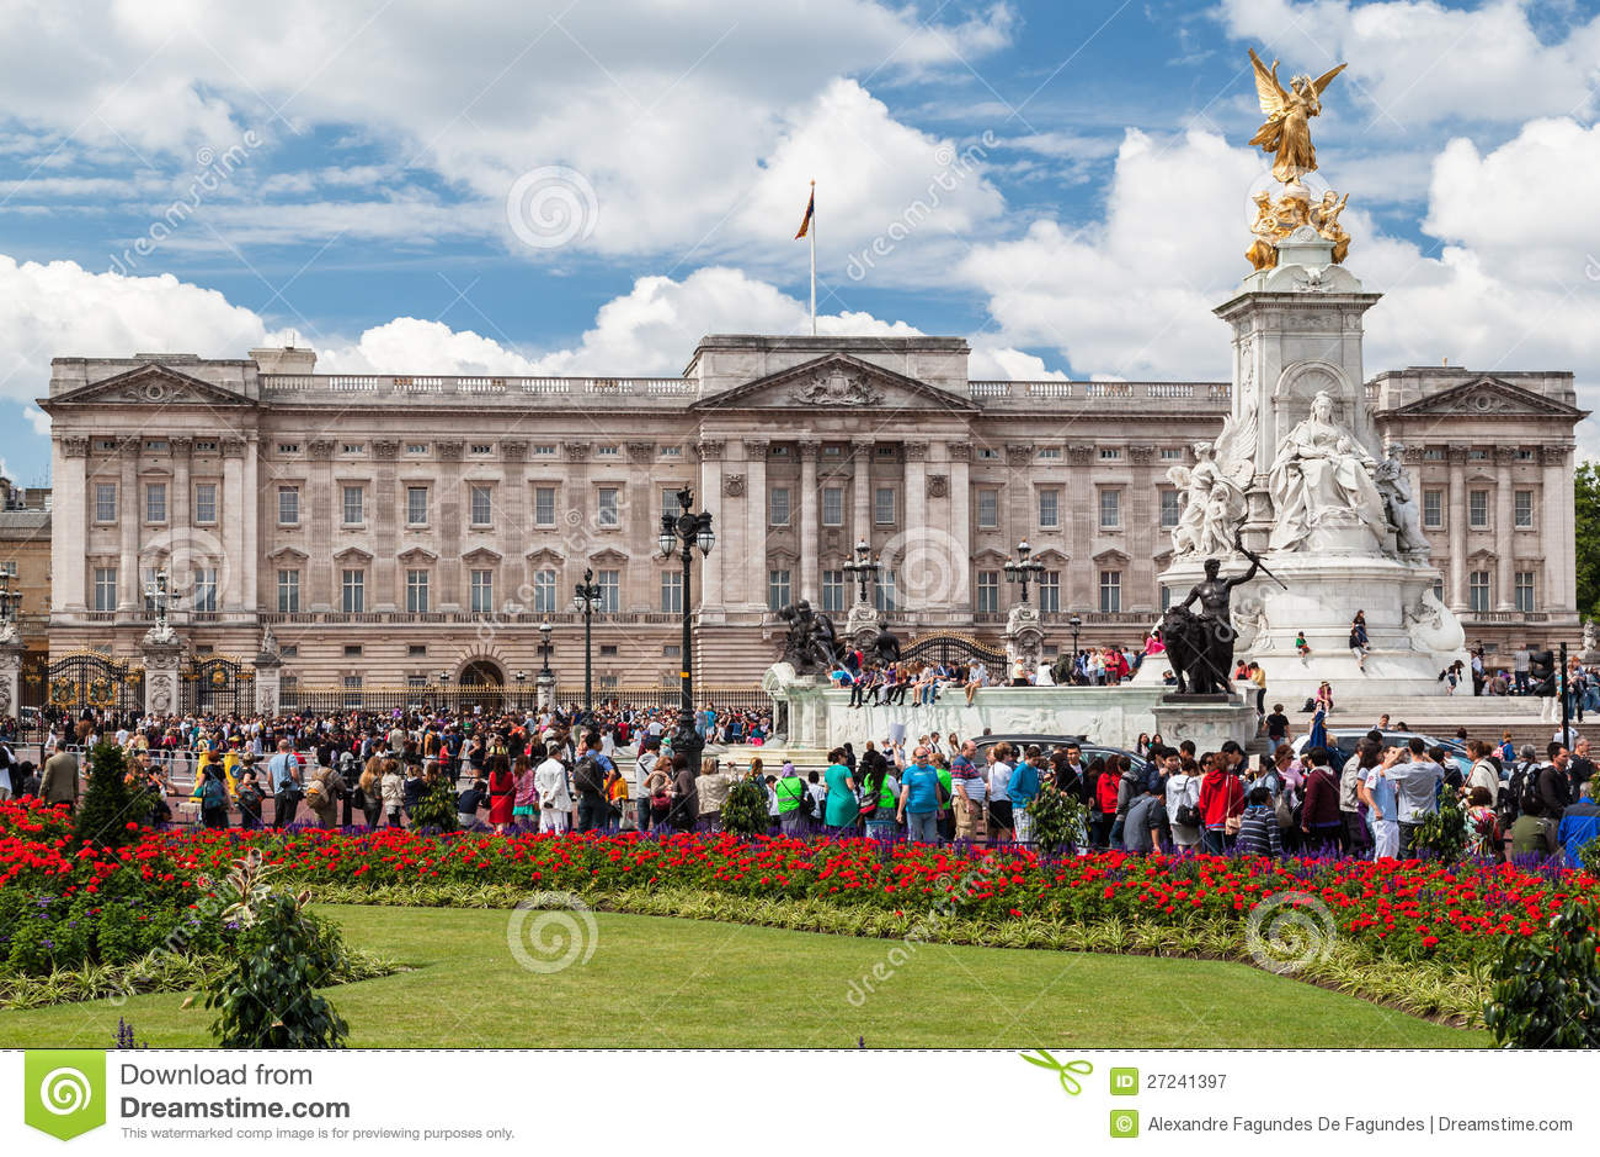 Buckingham Palace-Änderung der Abdeckungen London